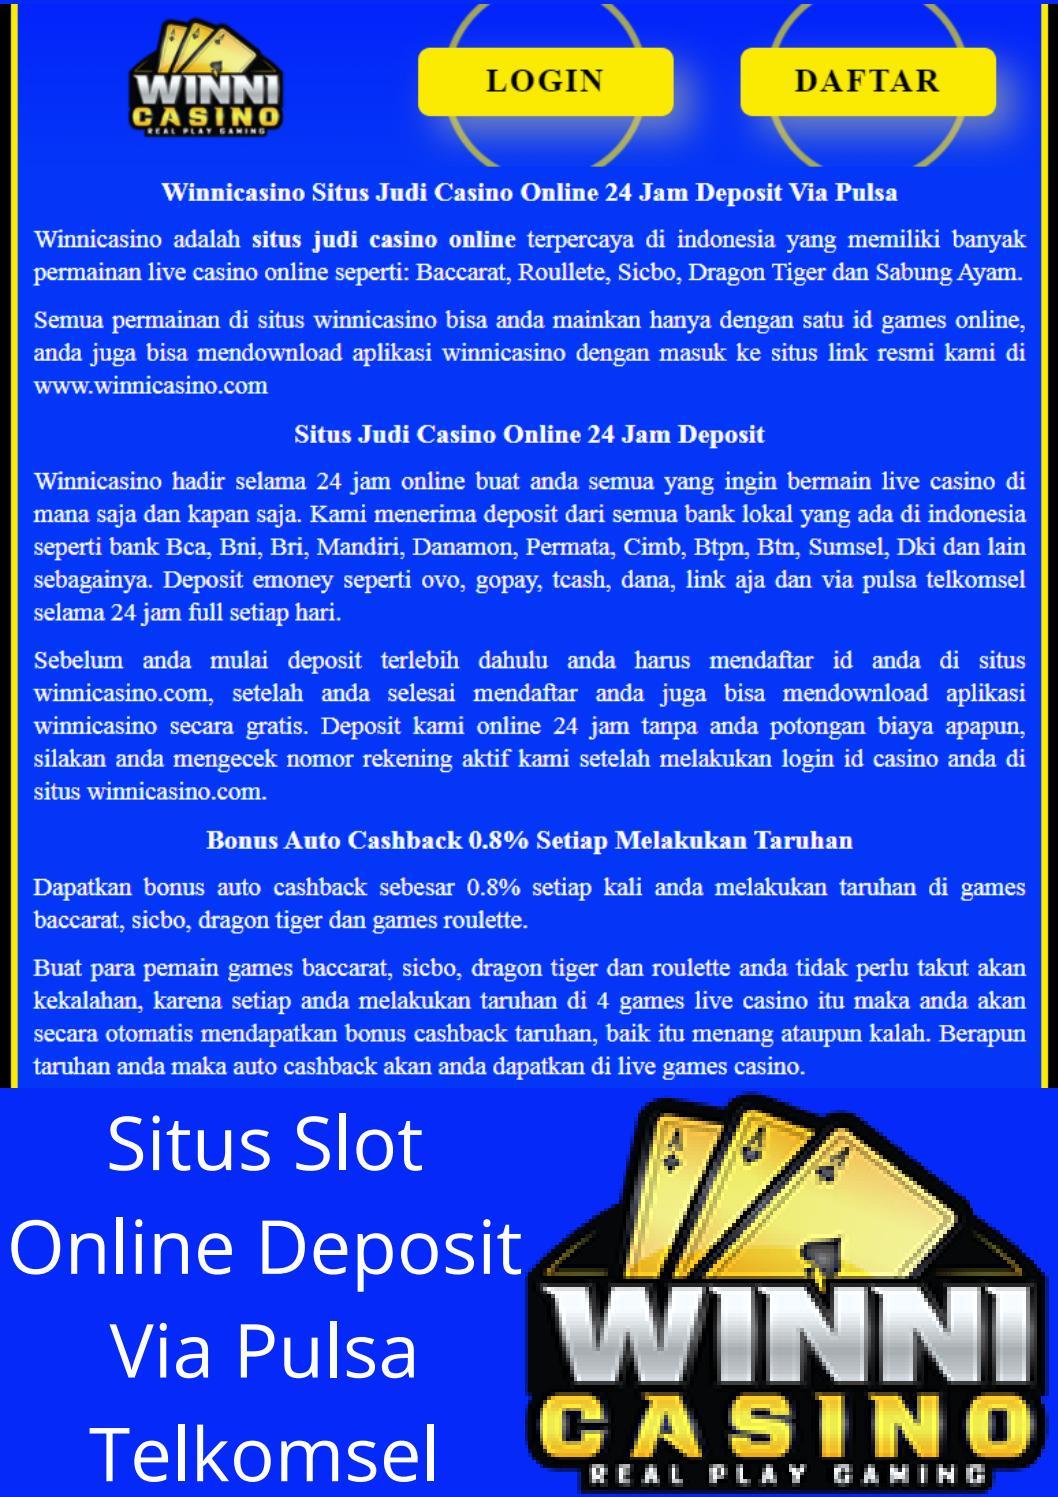 Situs Judi Casino Qq Slot Terbaru By Daftar Bandar66 Issuu